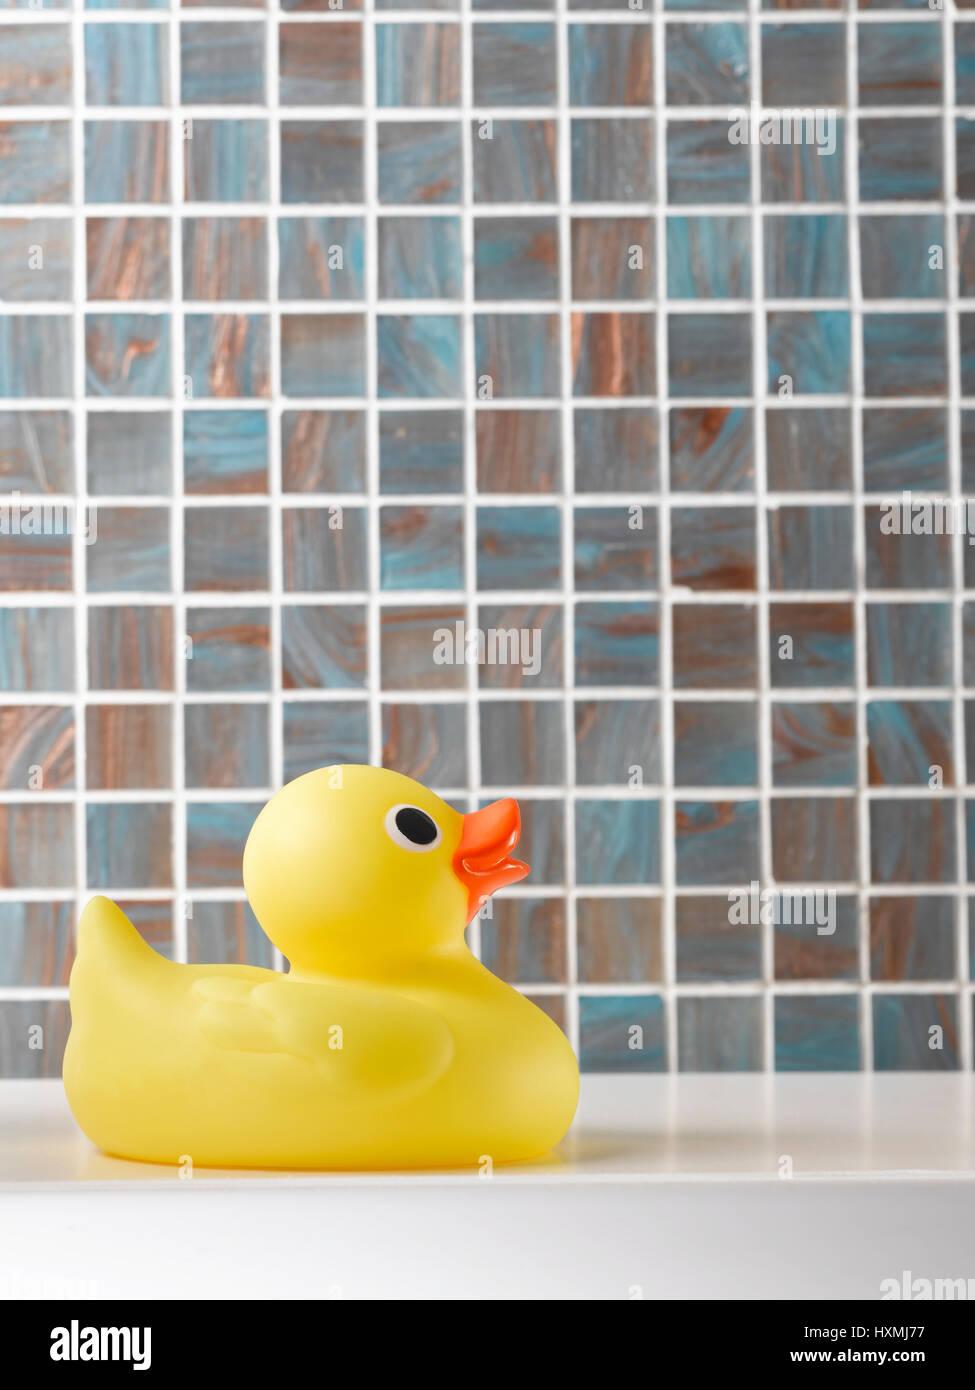 Patito amarillo sobre fondo en mosaico Foto de stock